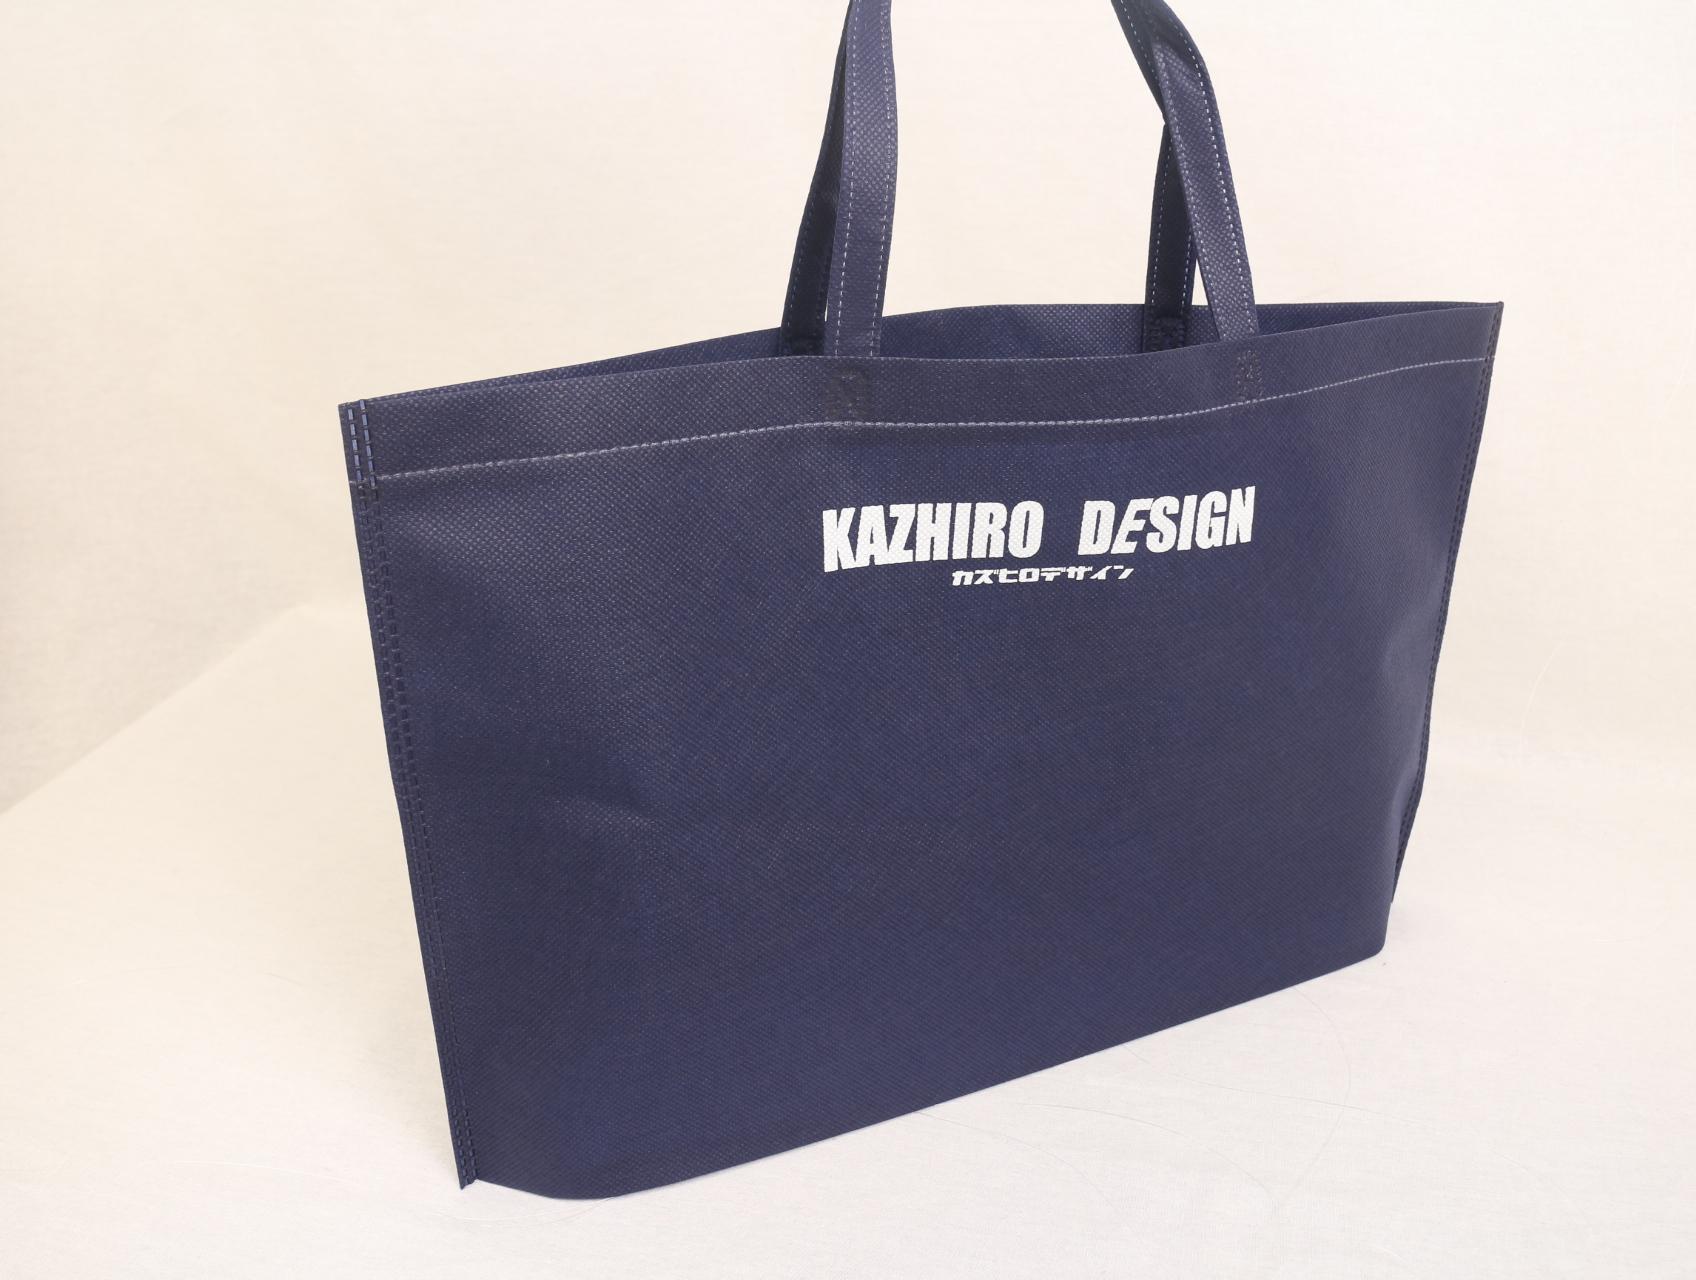 福岡県で建築・空間デザインを行われている会社様の不織布バッグ